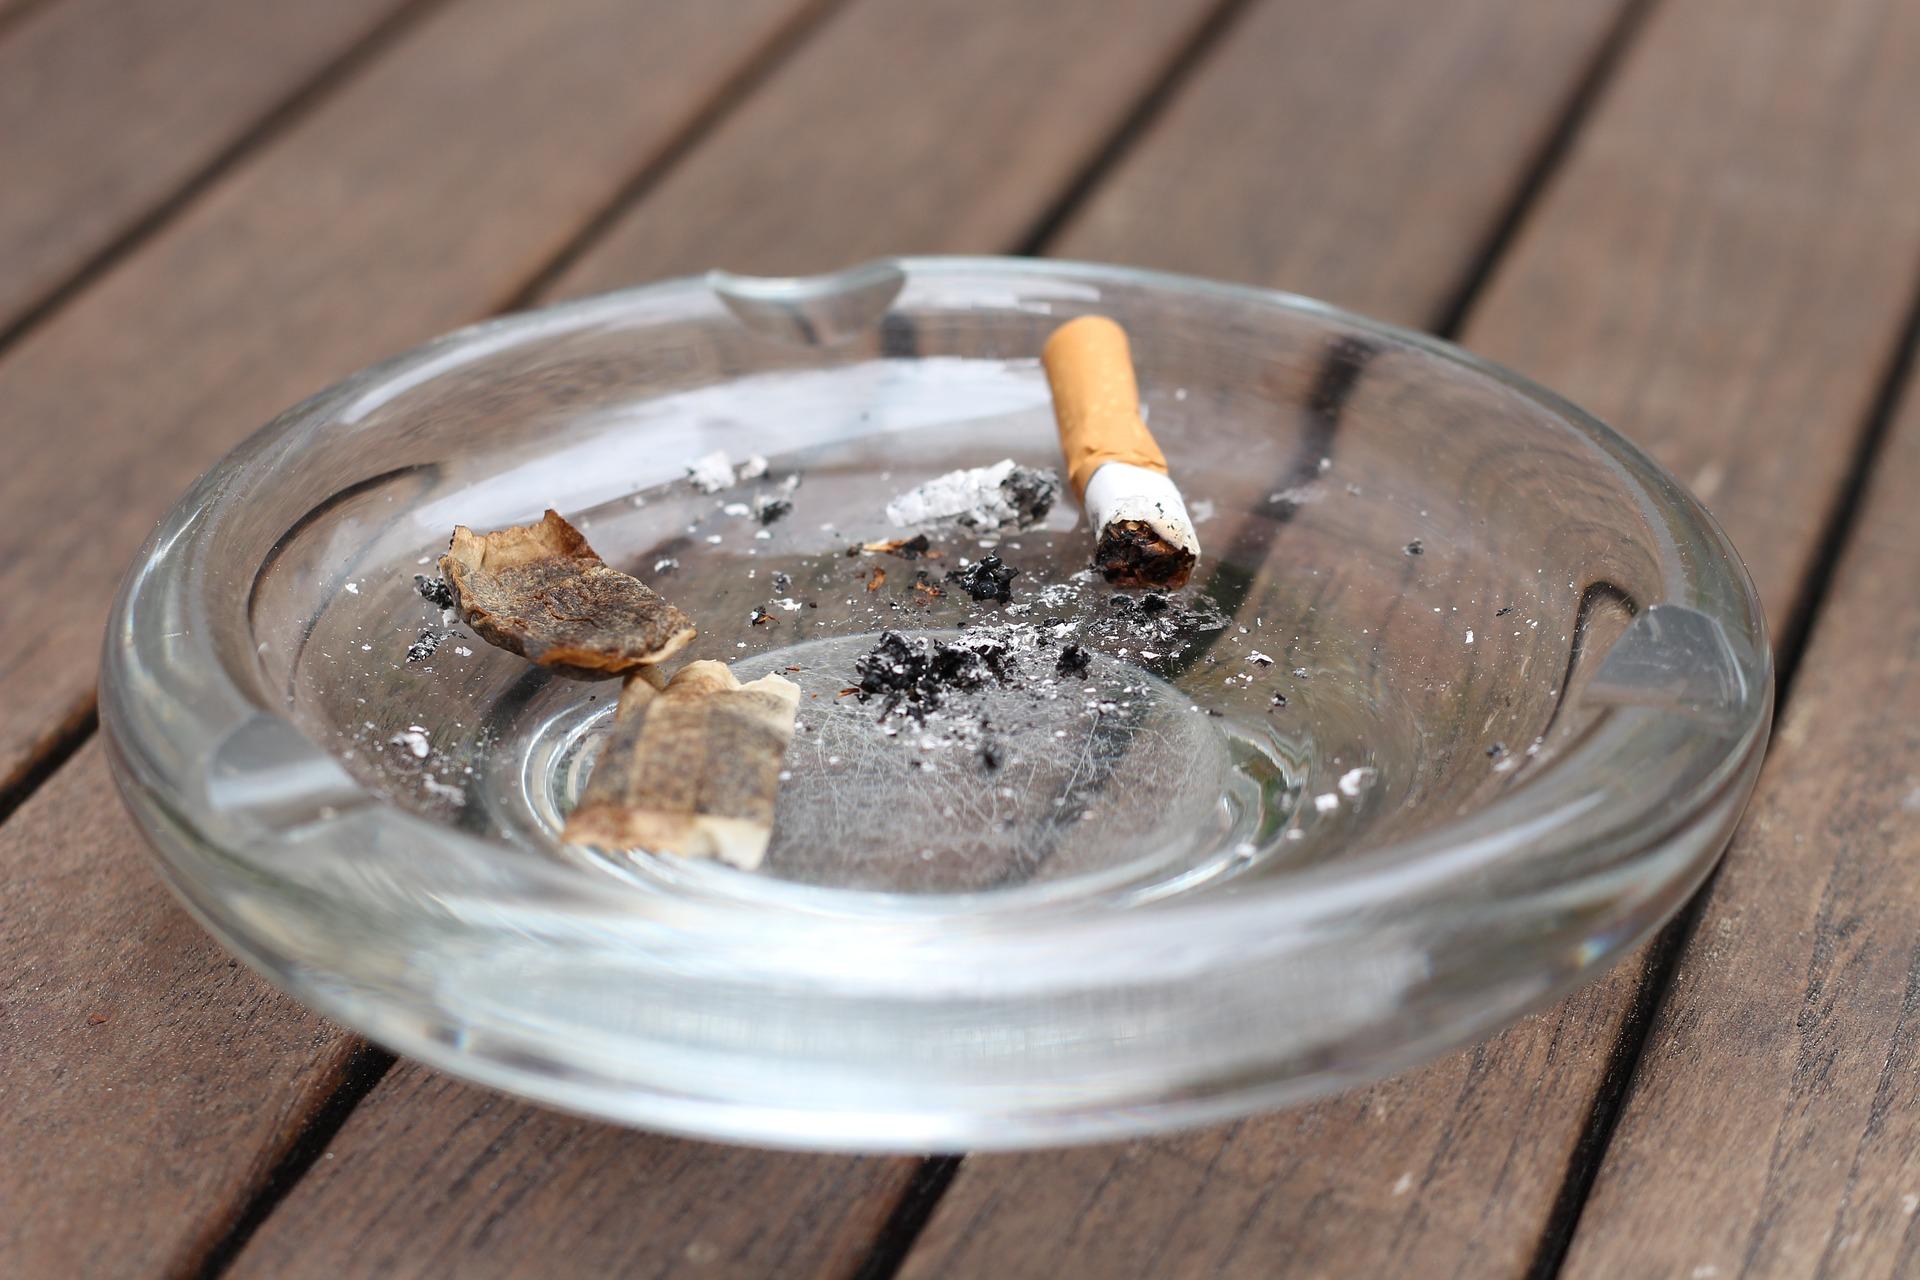 Kuvituskuva: tuhkakuppi, jossa tupakantumppi ja käytetty nuuskapussi